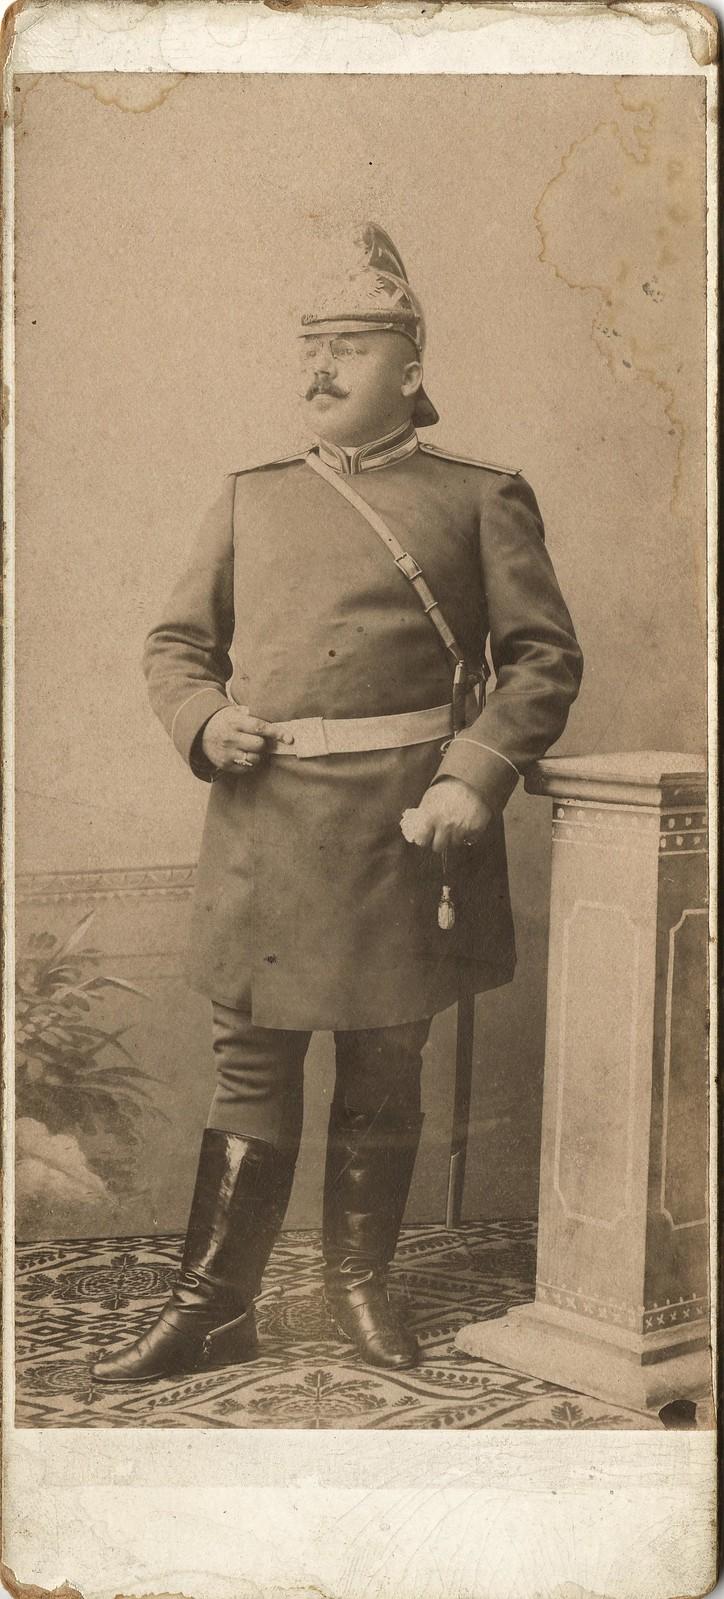 Брандмайор А.Ф. Домишкевич в форменной одежде при сабле и в каске